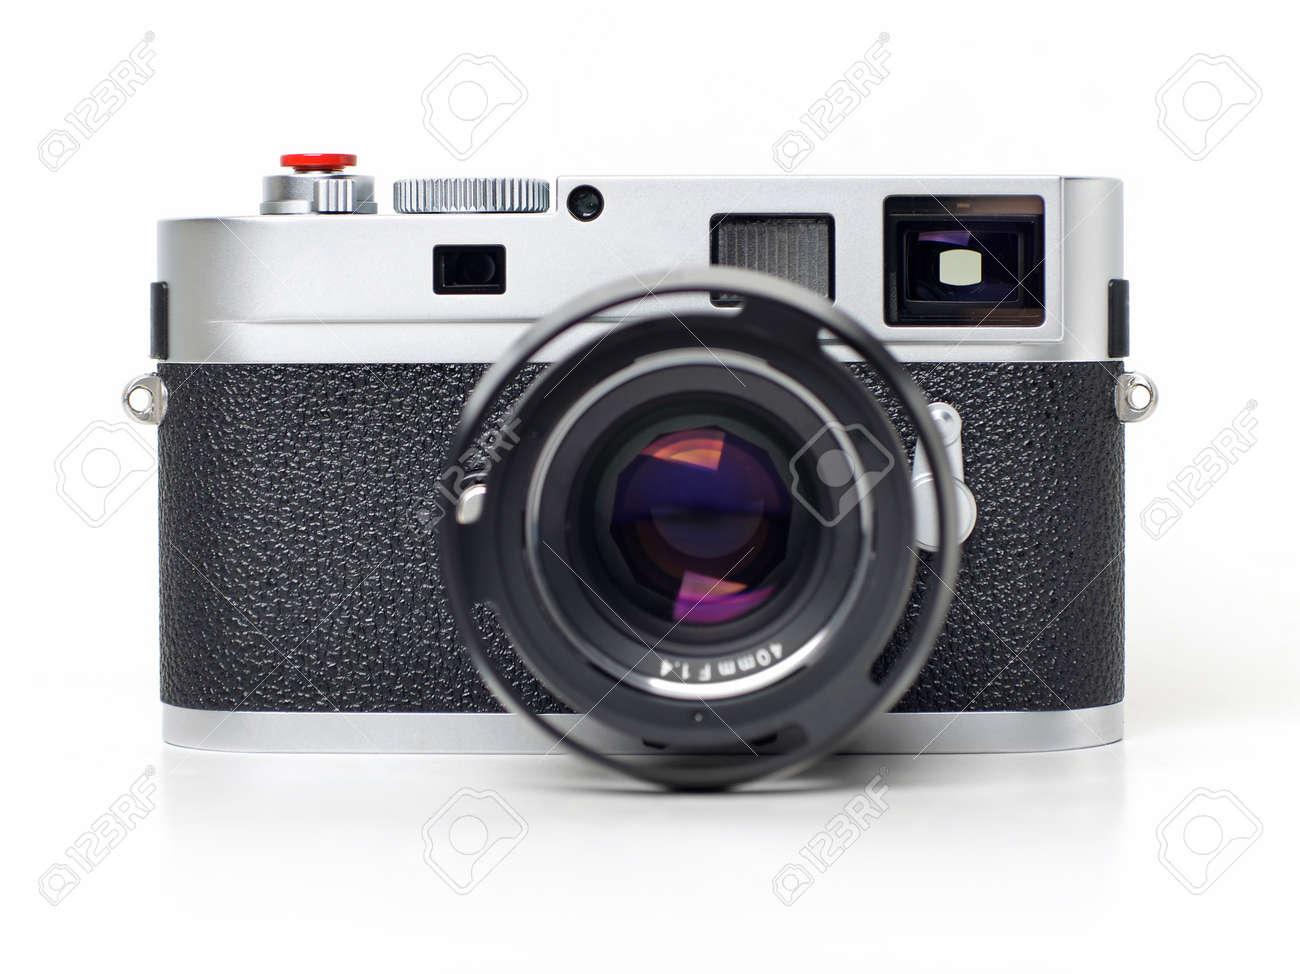 Entfernungsmesser Für Fotografie : Entfernungsmesser kamera auf weißem hintergrund lizenzfreie fotos